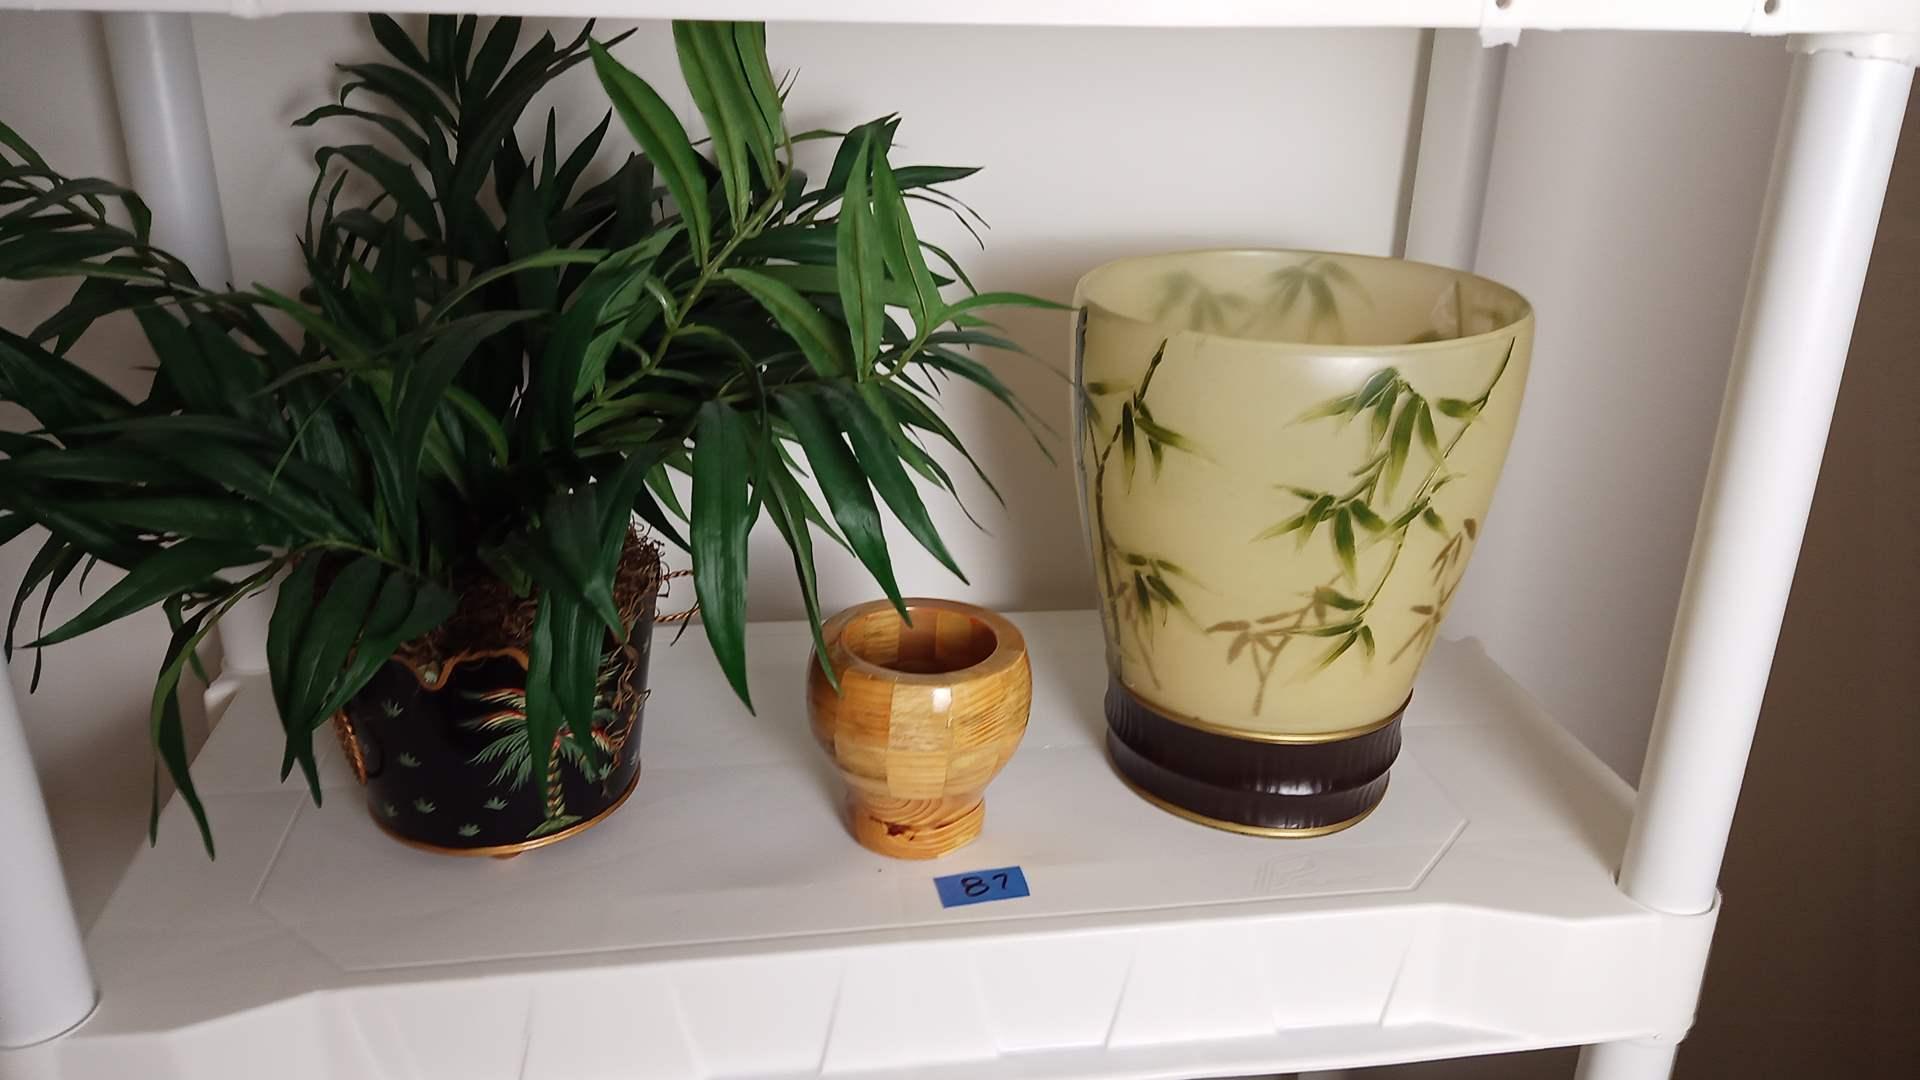 Lot # 87 3 Decorative Pots Mixed Media